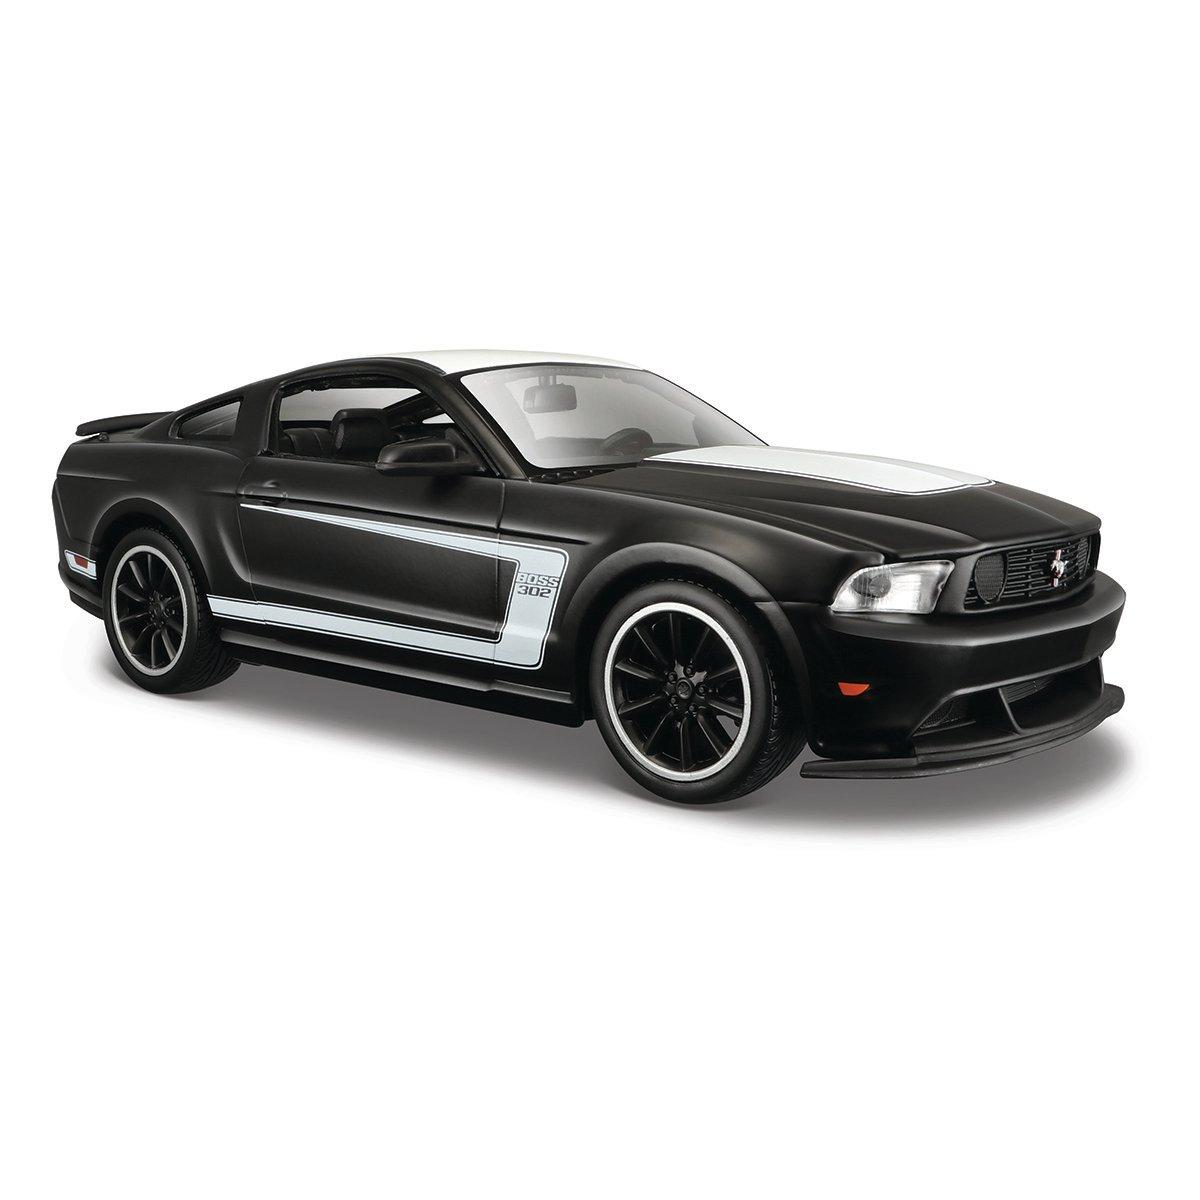 Masinuta Maisto Ford Mustang Boss 302, 1:24, Negru mat